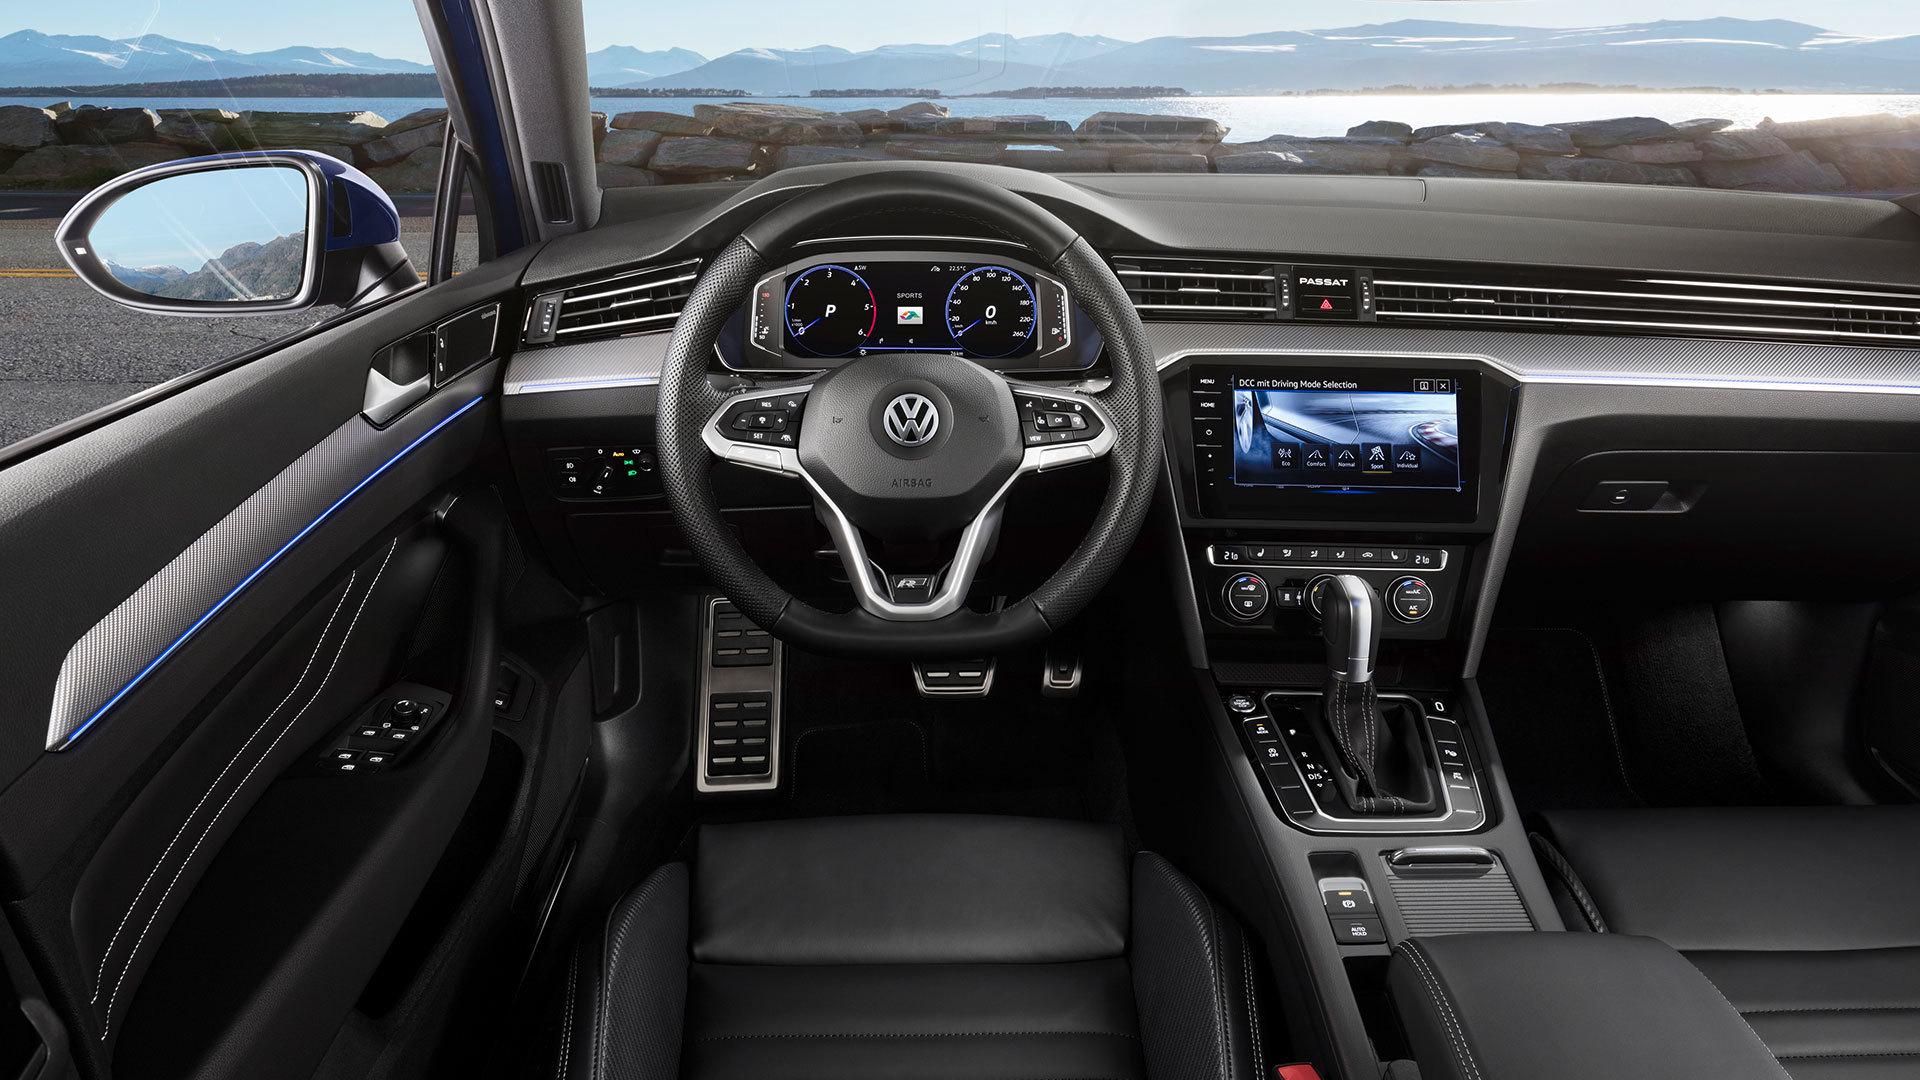 Volkswagen Passat 2019 Interior 02